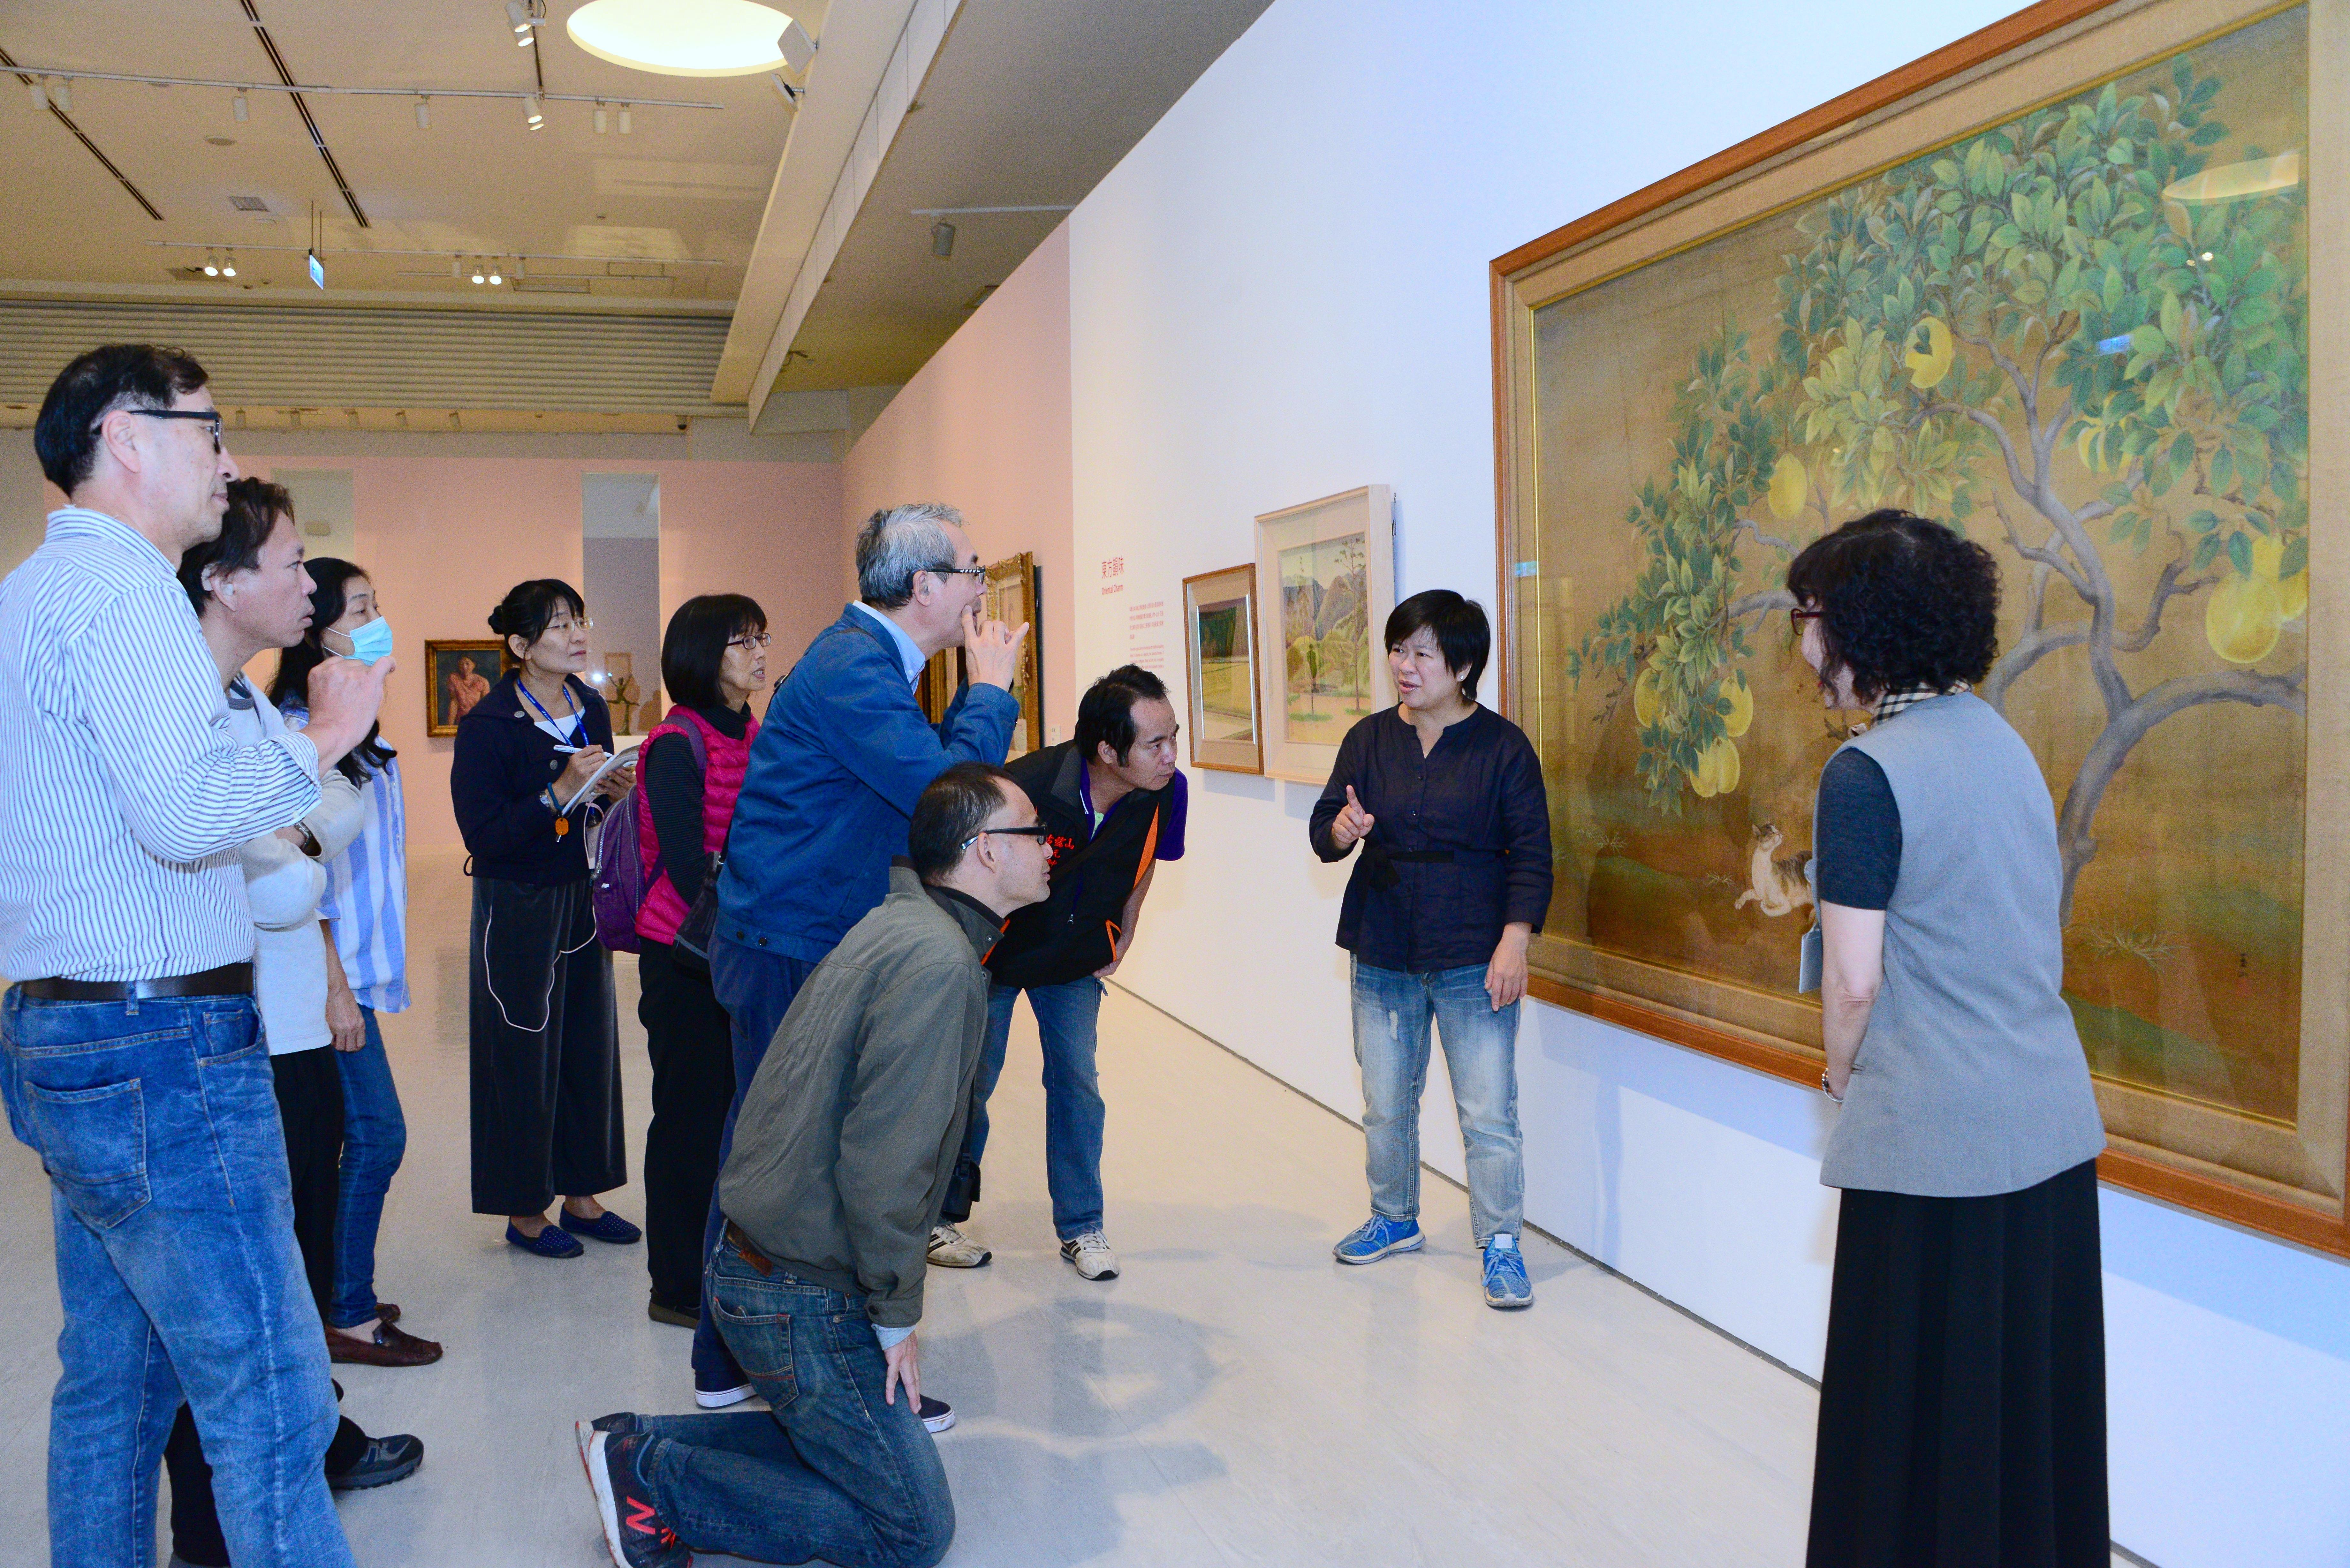 「聚合●綻放─臺灣美術團體與美術發展」常設展的第一場手語導覽解說,吸引一群愛好藝術的聽語障朋友到場觀賞。(照片)